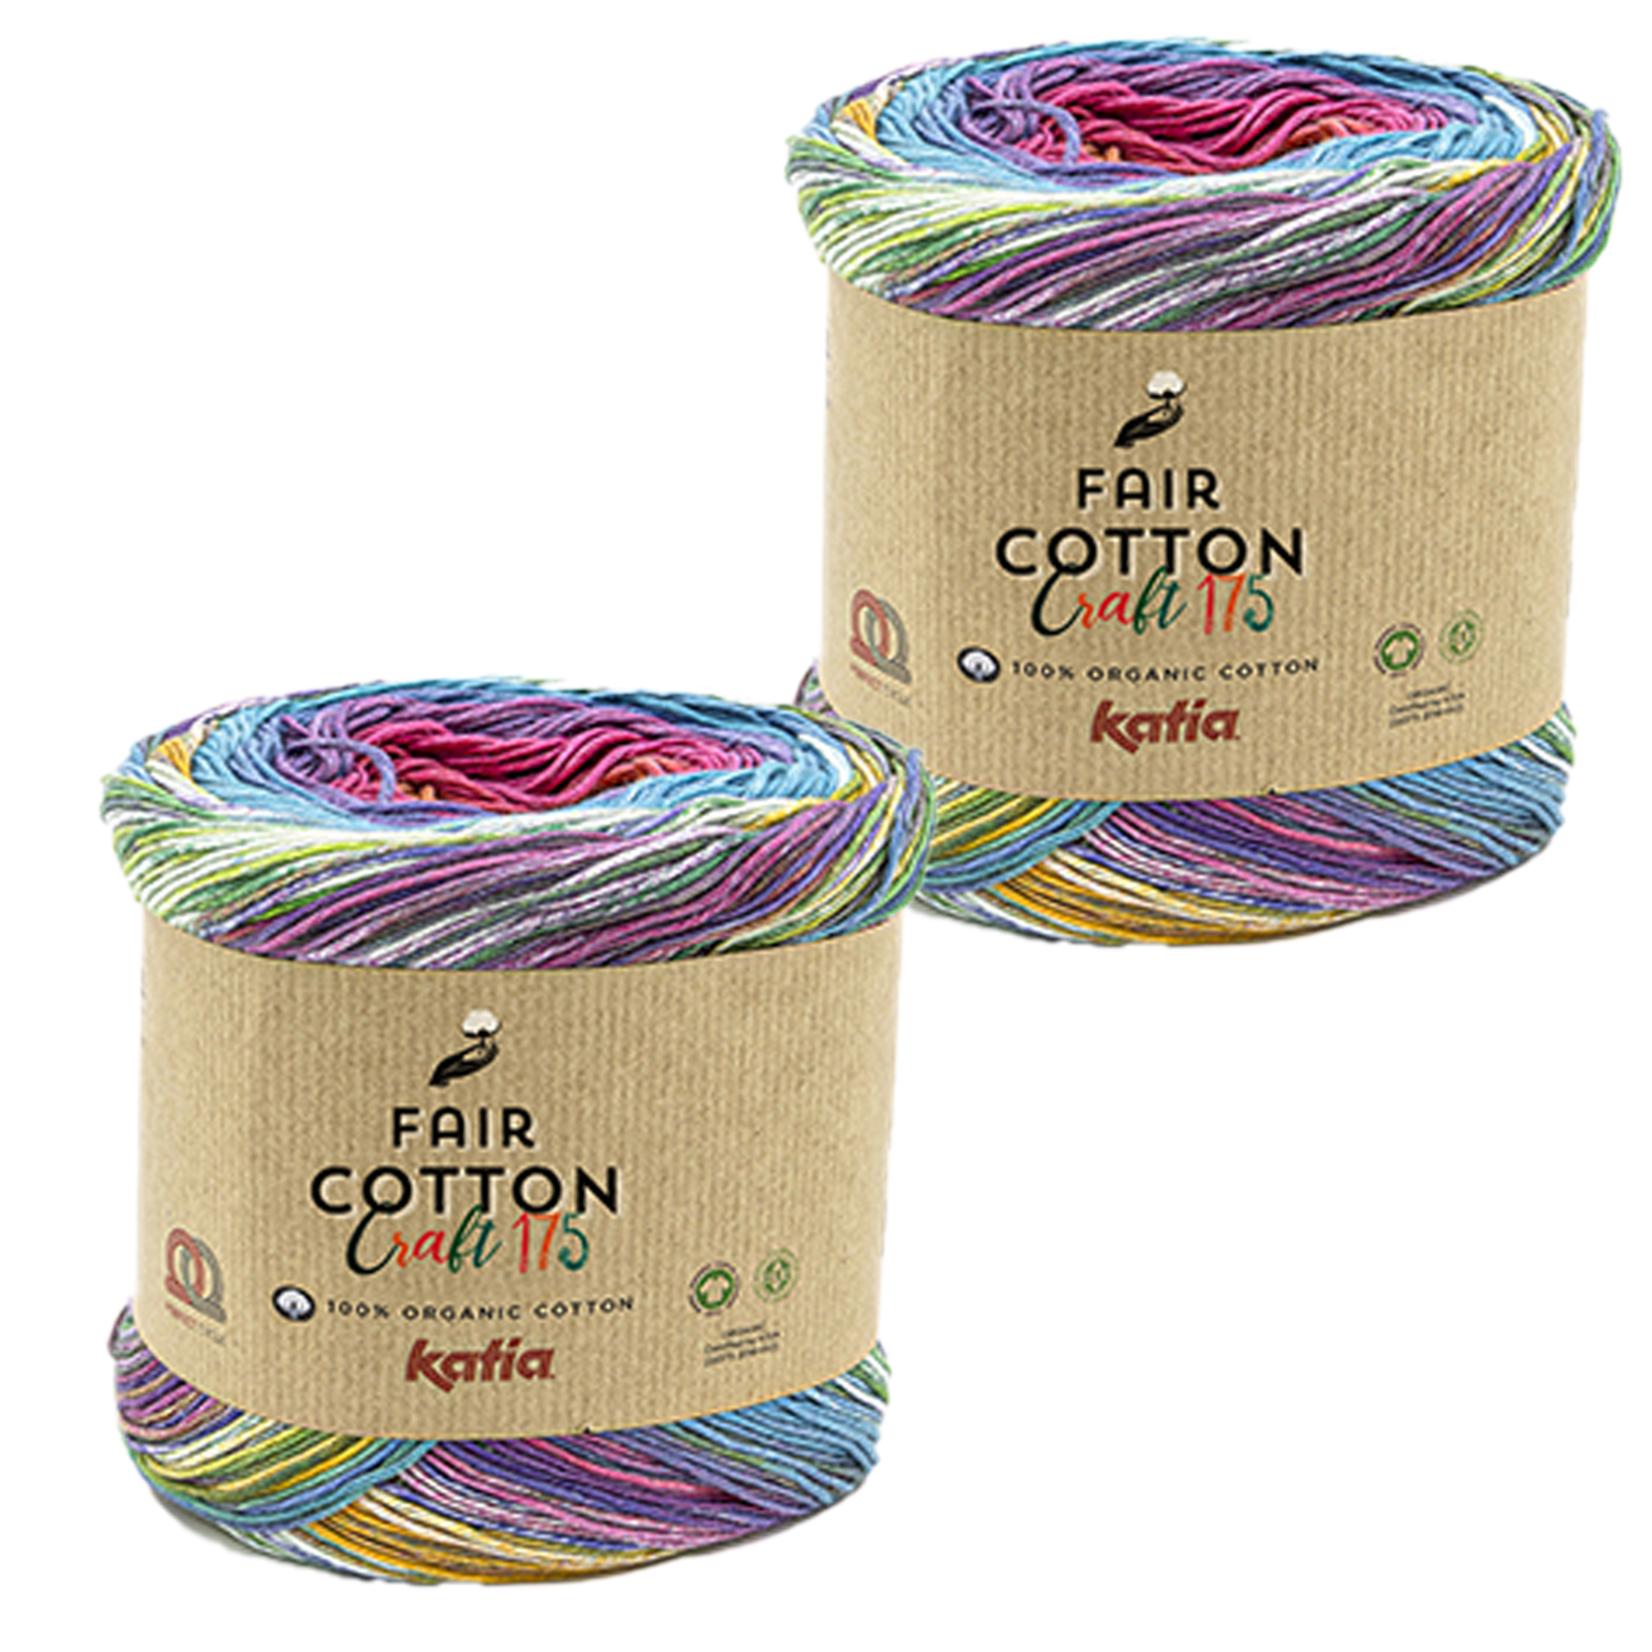 Katia Katia Fair Cotton Craft verloopgaren Kleur 805 - bundel 2 bollen x175  gr.